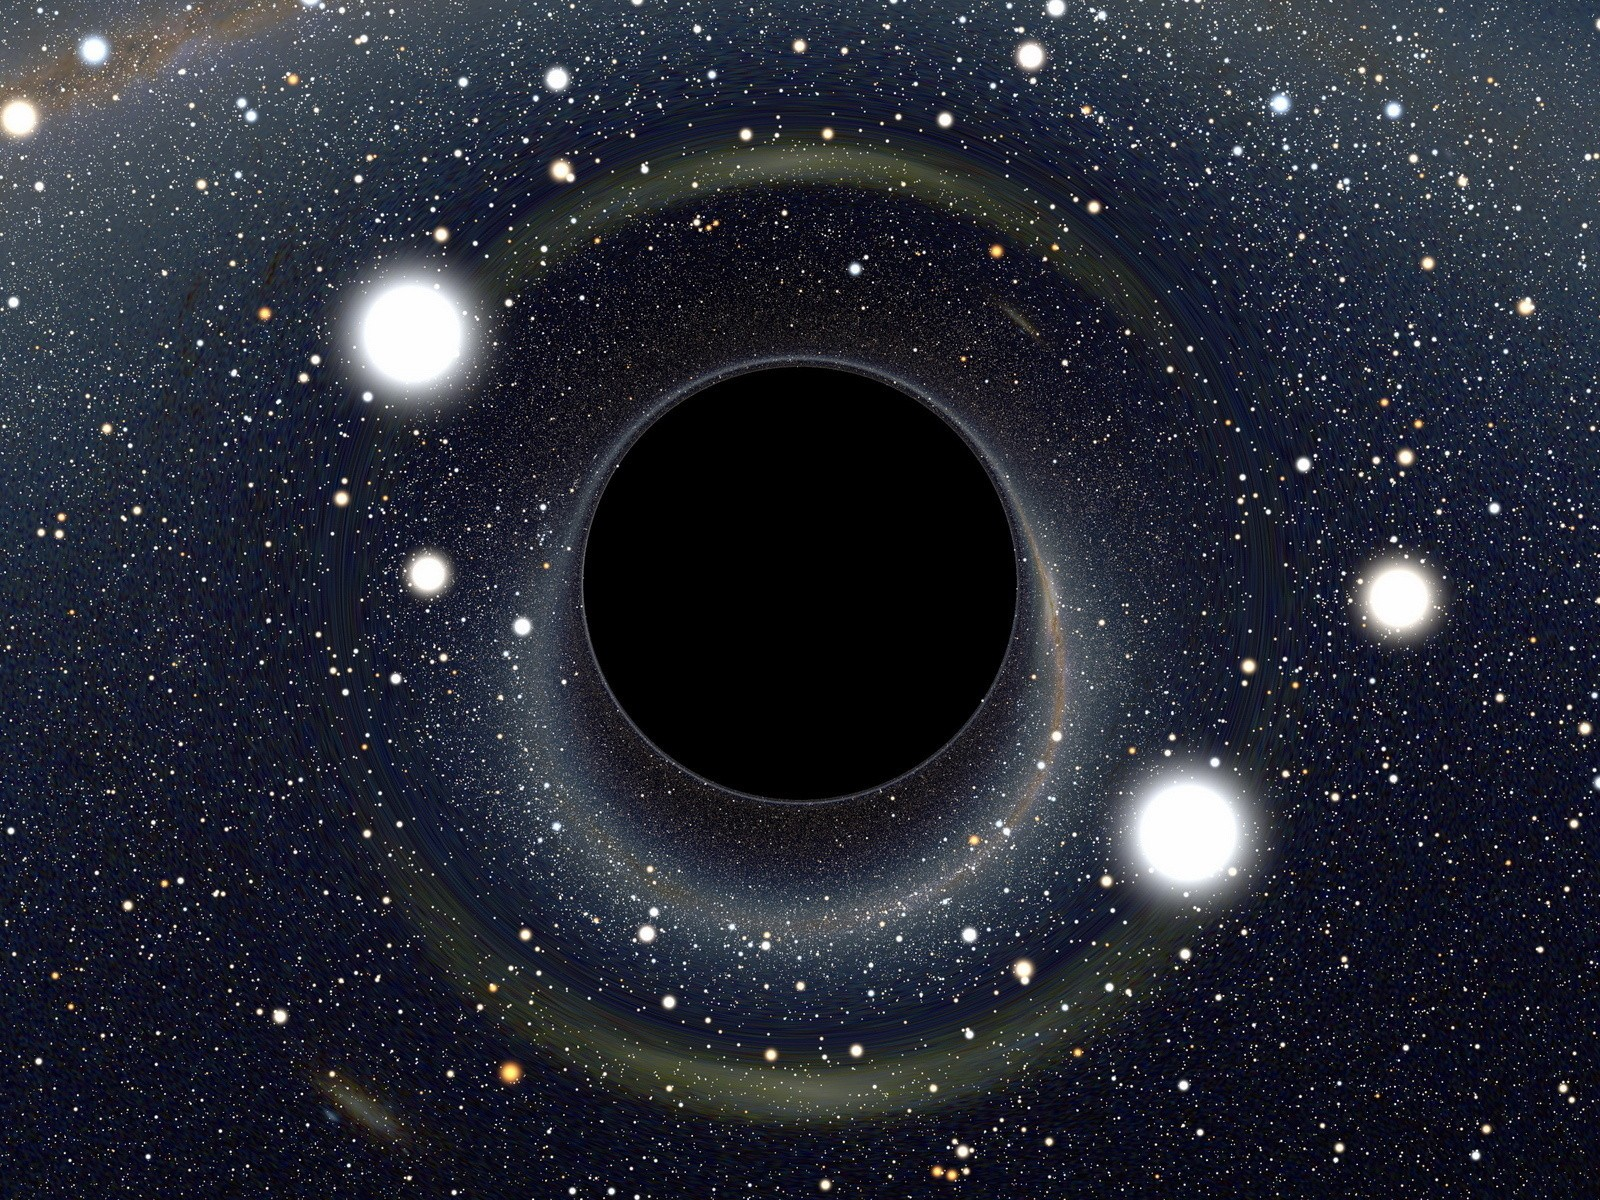 Ученые: черные дыры взрываются вконце жизни